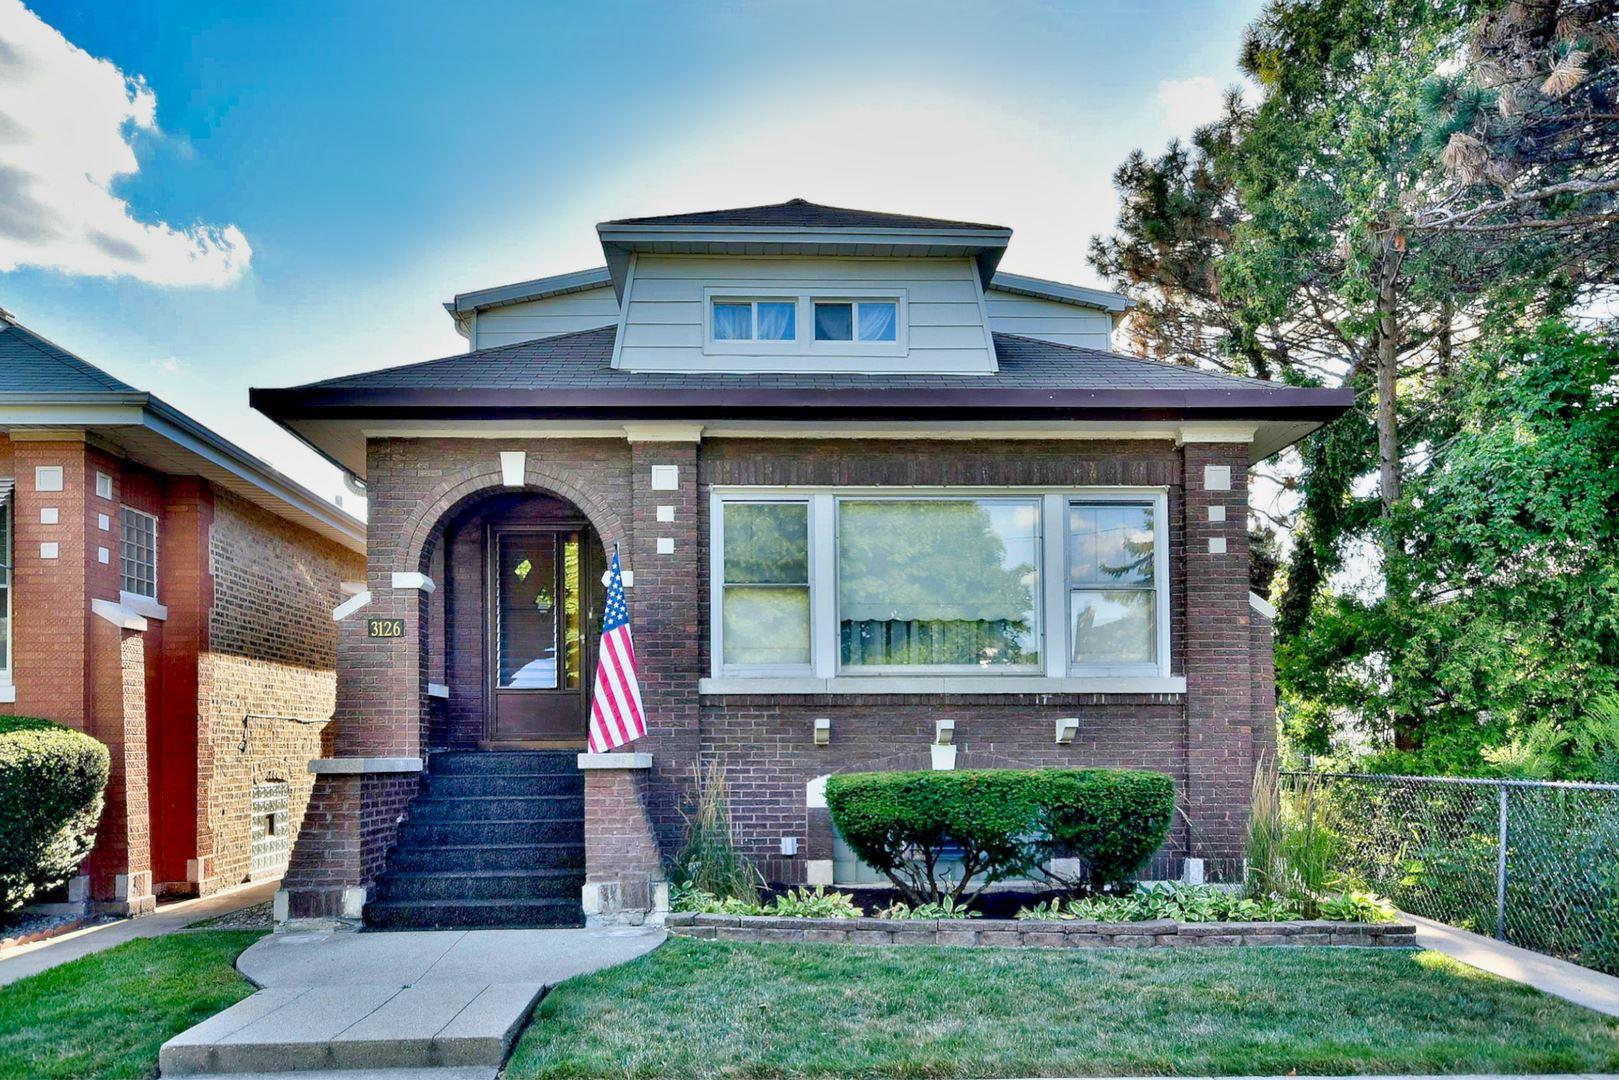 3126 N Natoma Avenue, Chicago, IL 60634 - MLS#: 10799494